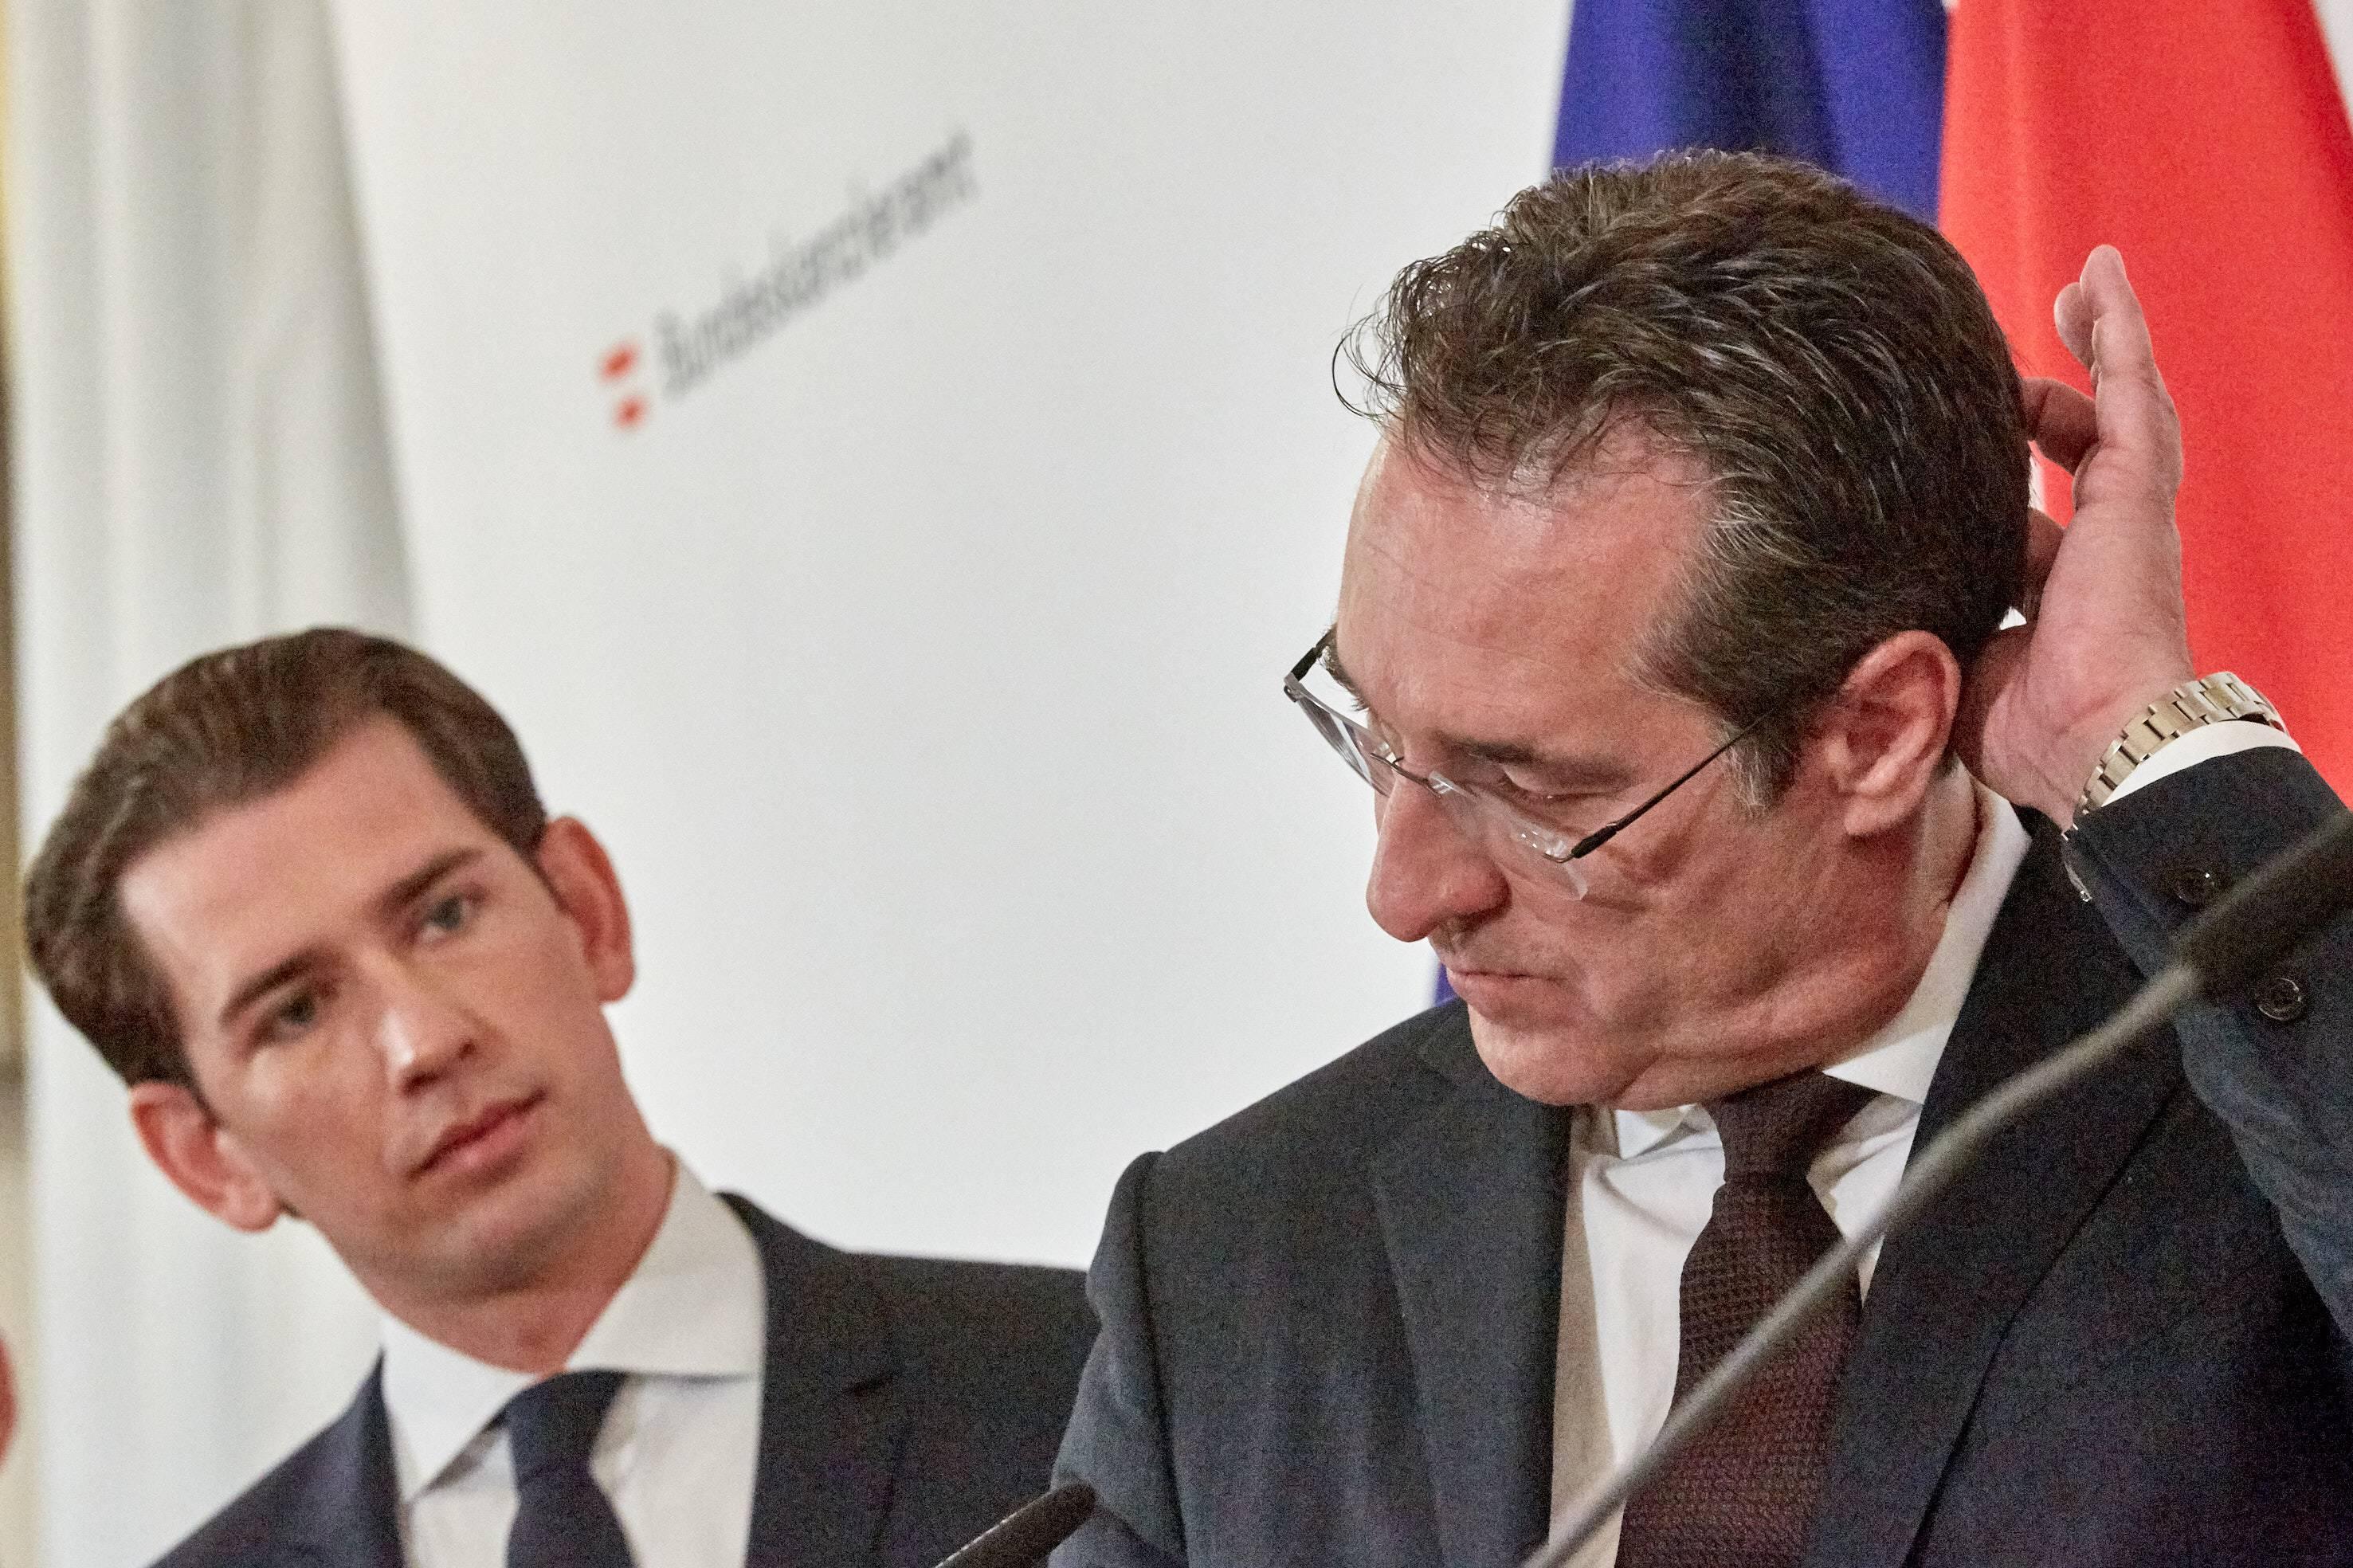 Österreich beweist, dass es wirklich eine dumme Idee ist, sich mit Rechtsextremen einzulassen